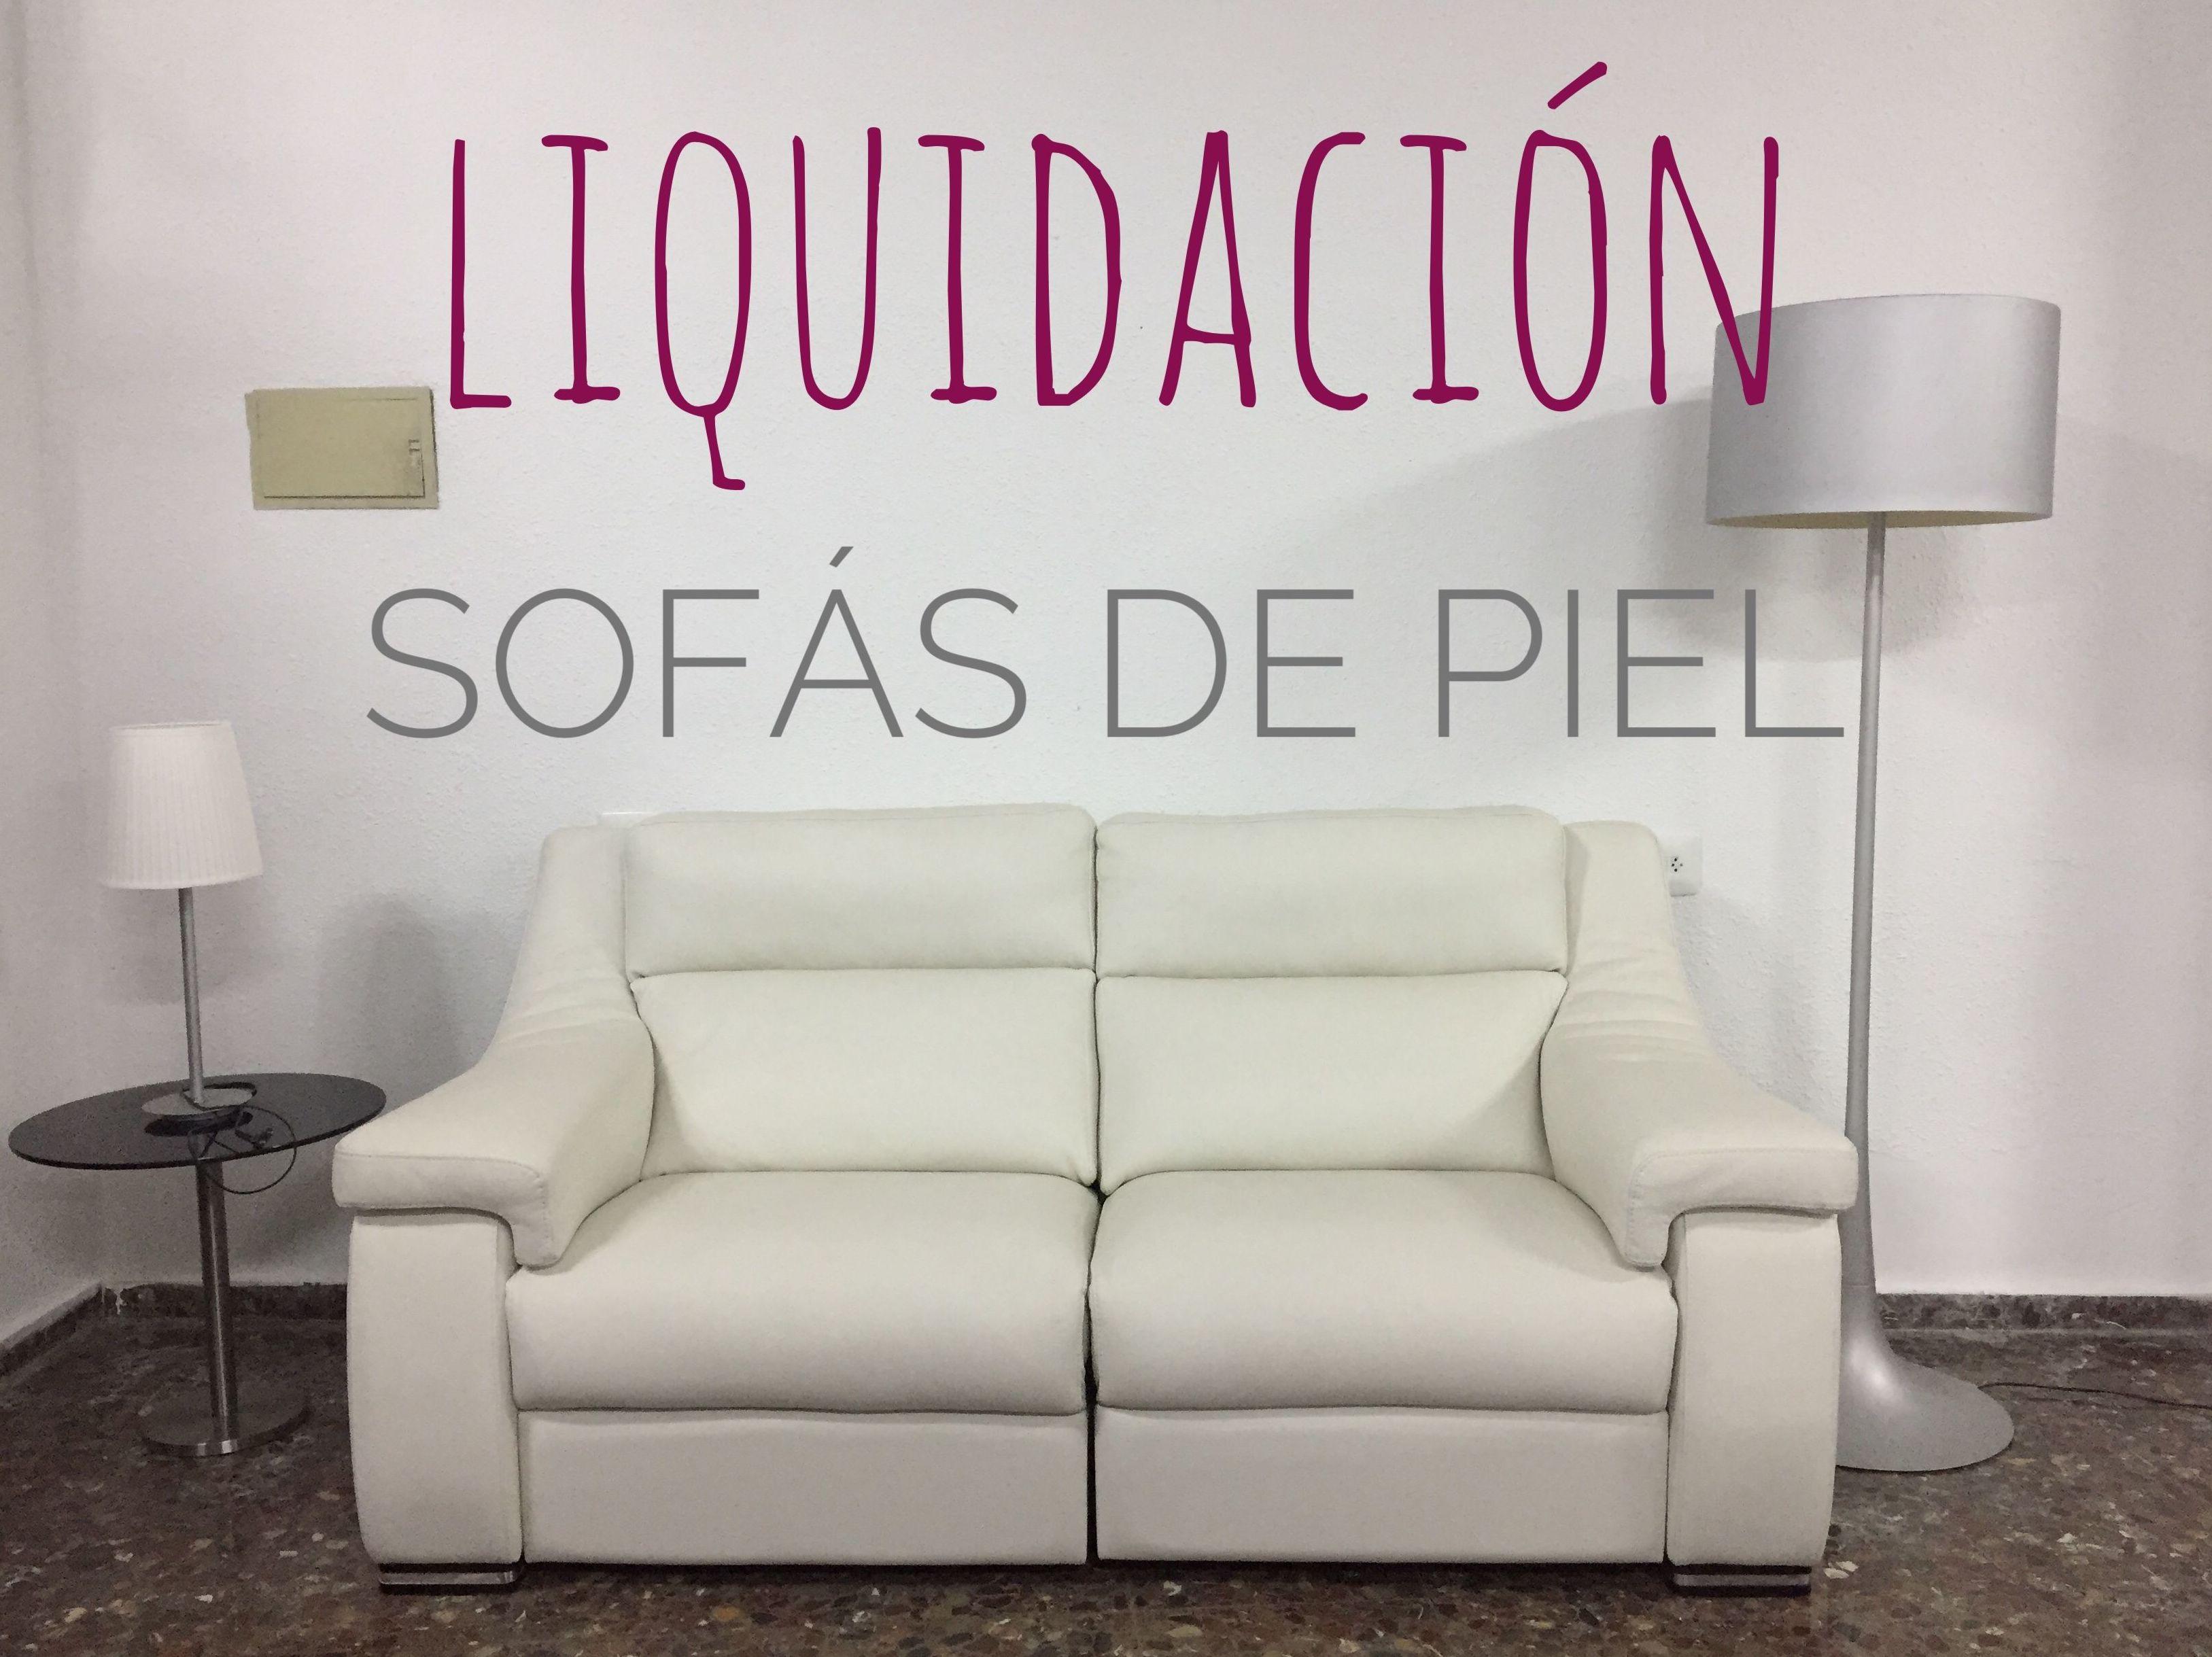 Liquidación Sofás de Piel en Muebles Sagunto